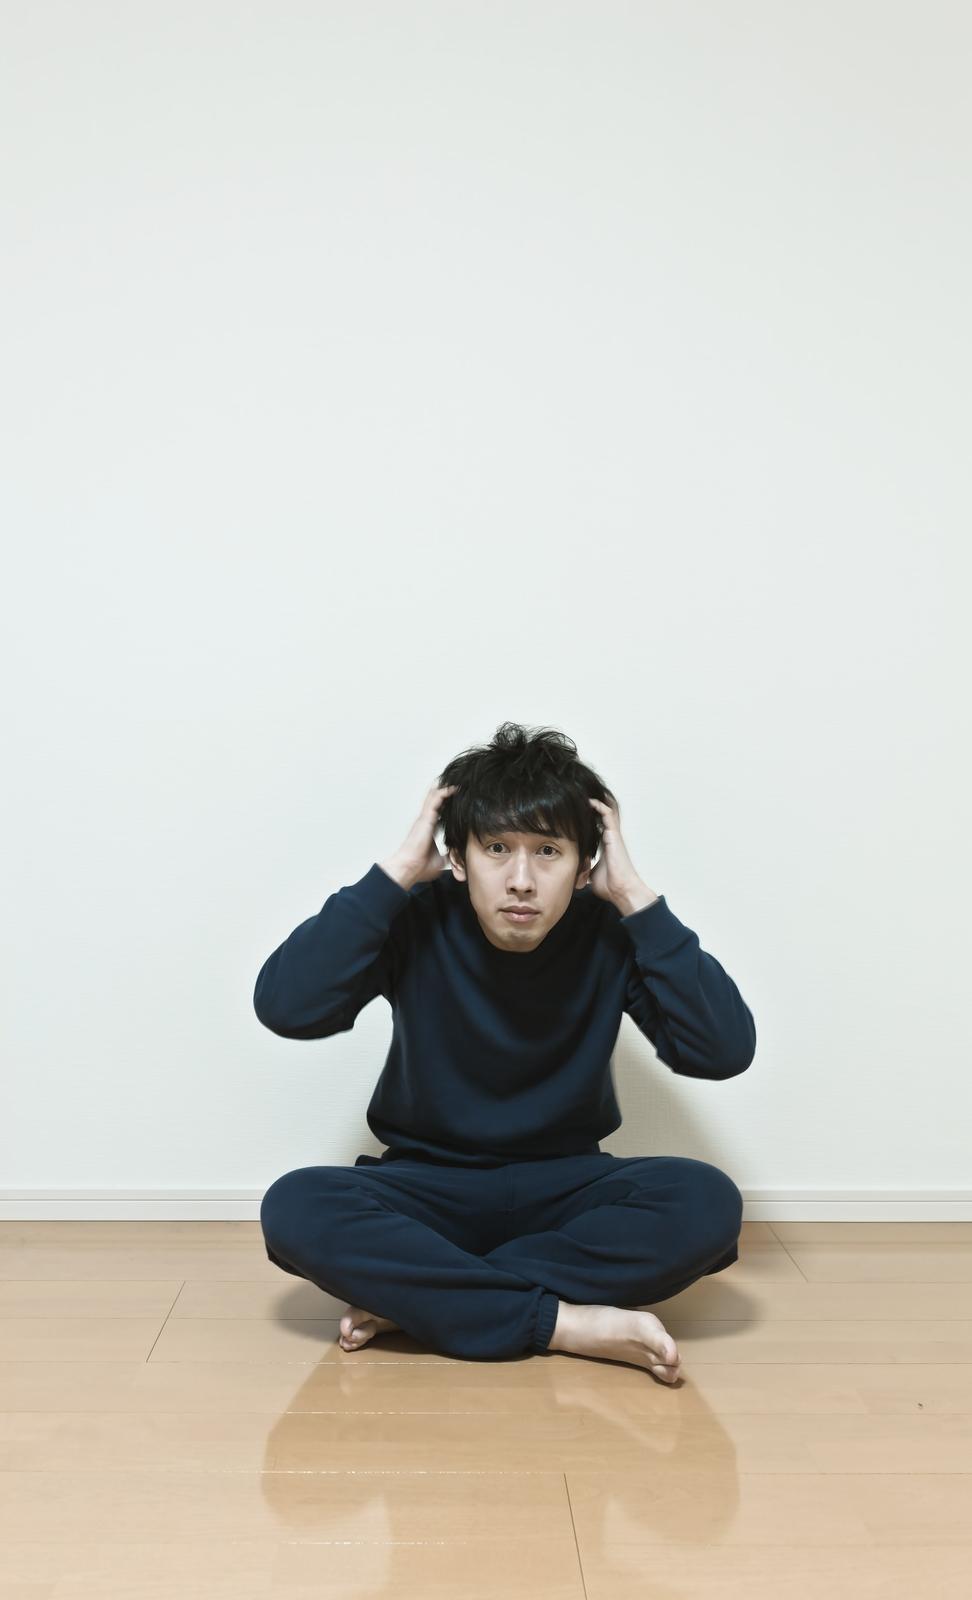 PAK93_atamawokakimushiru20140322-thumb-autox1600-17029